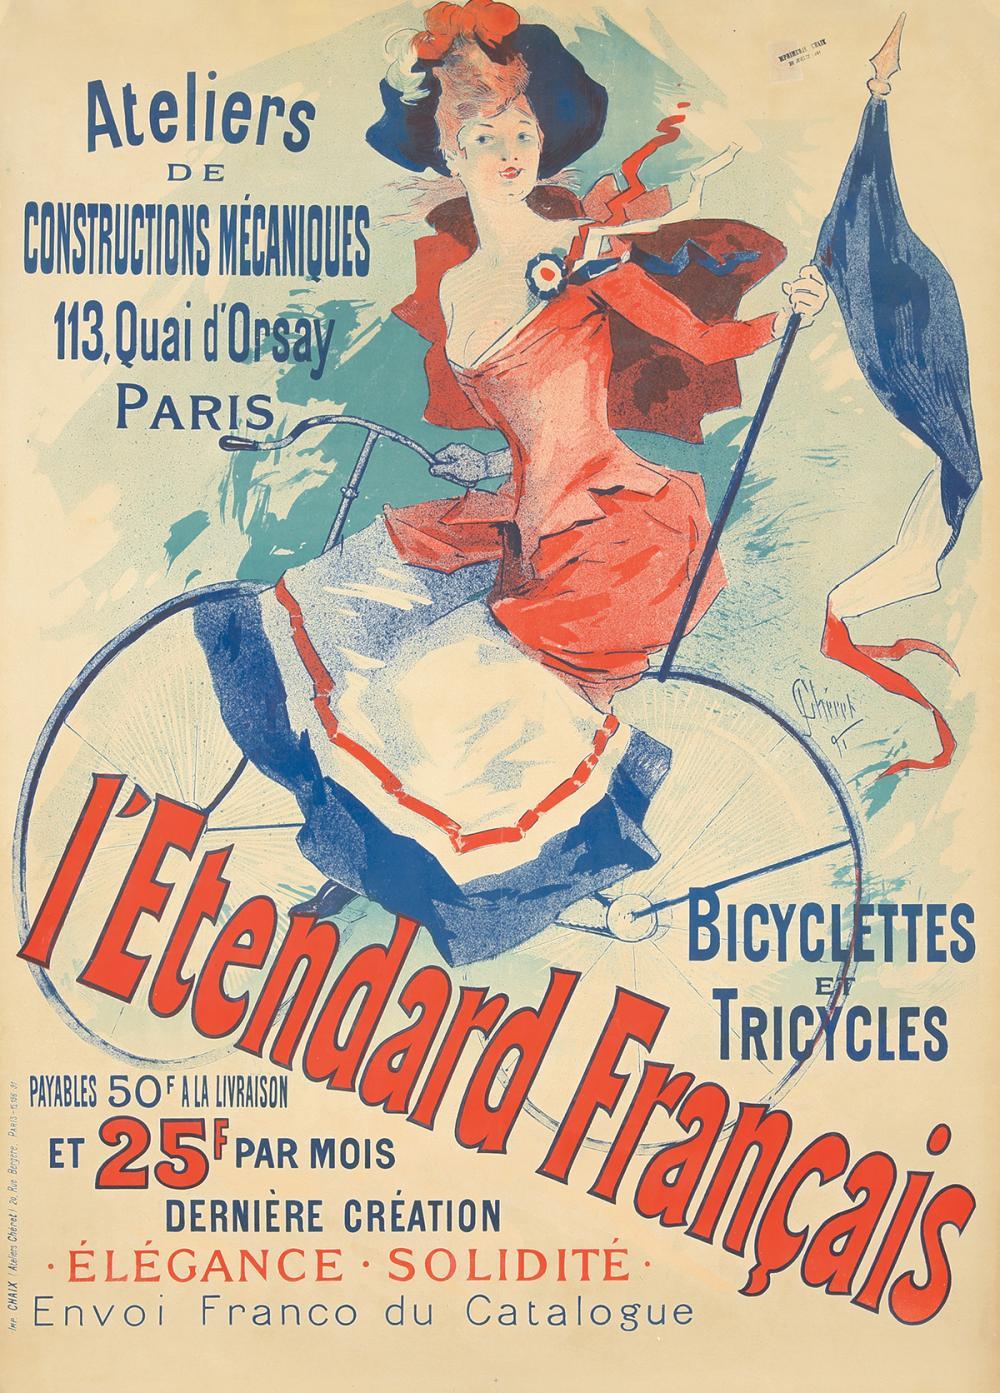 L'Etendard Français. 1891.